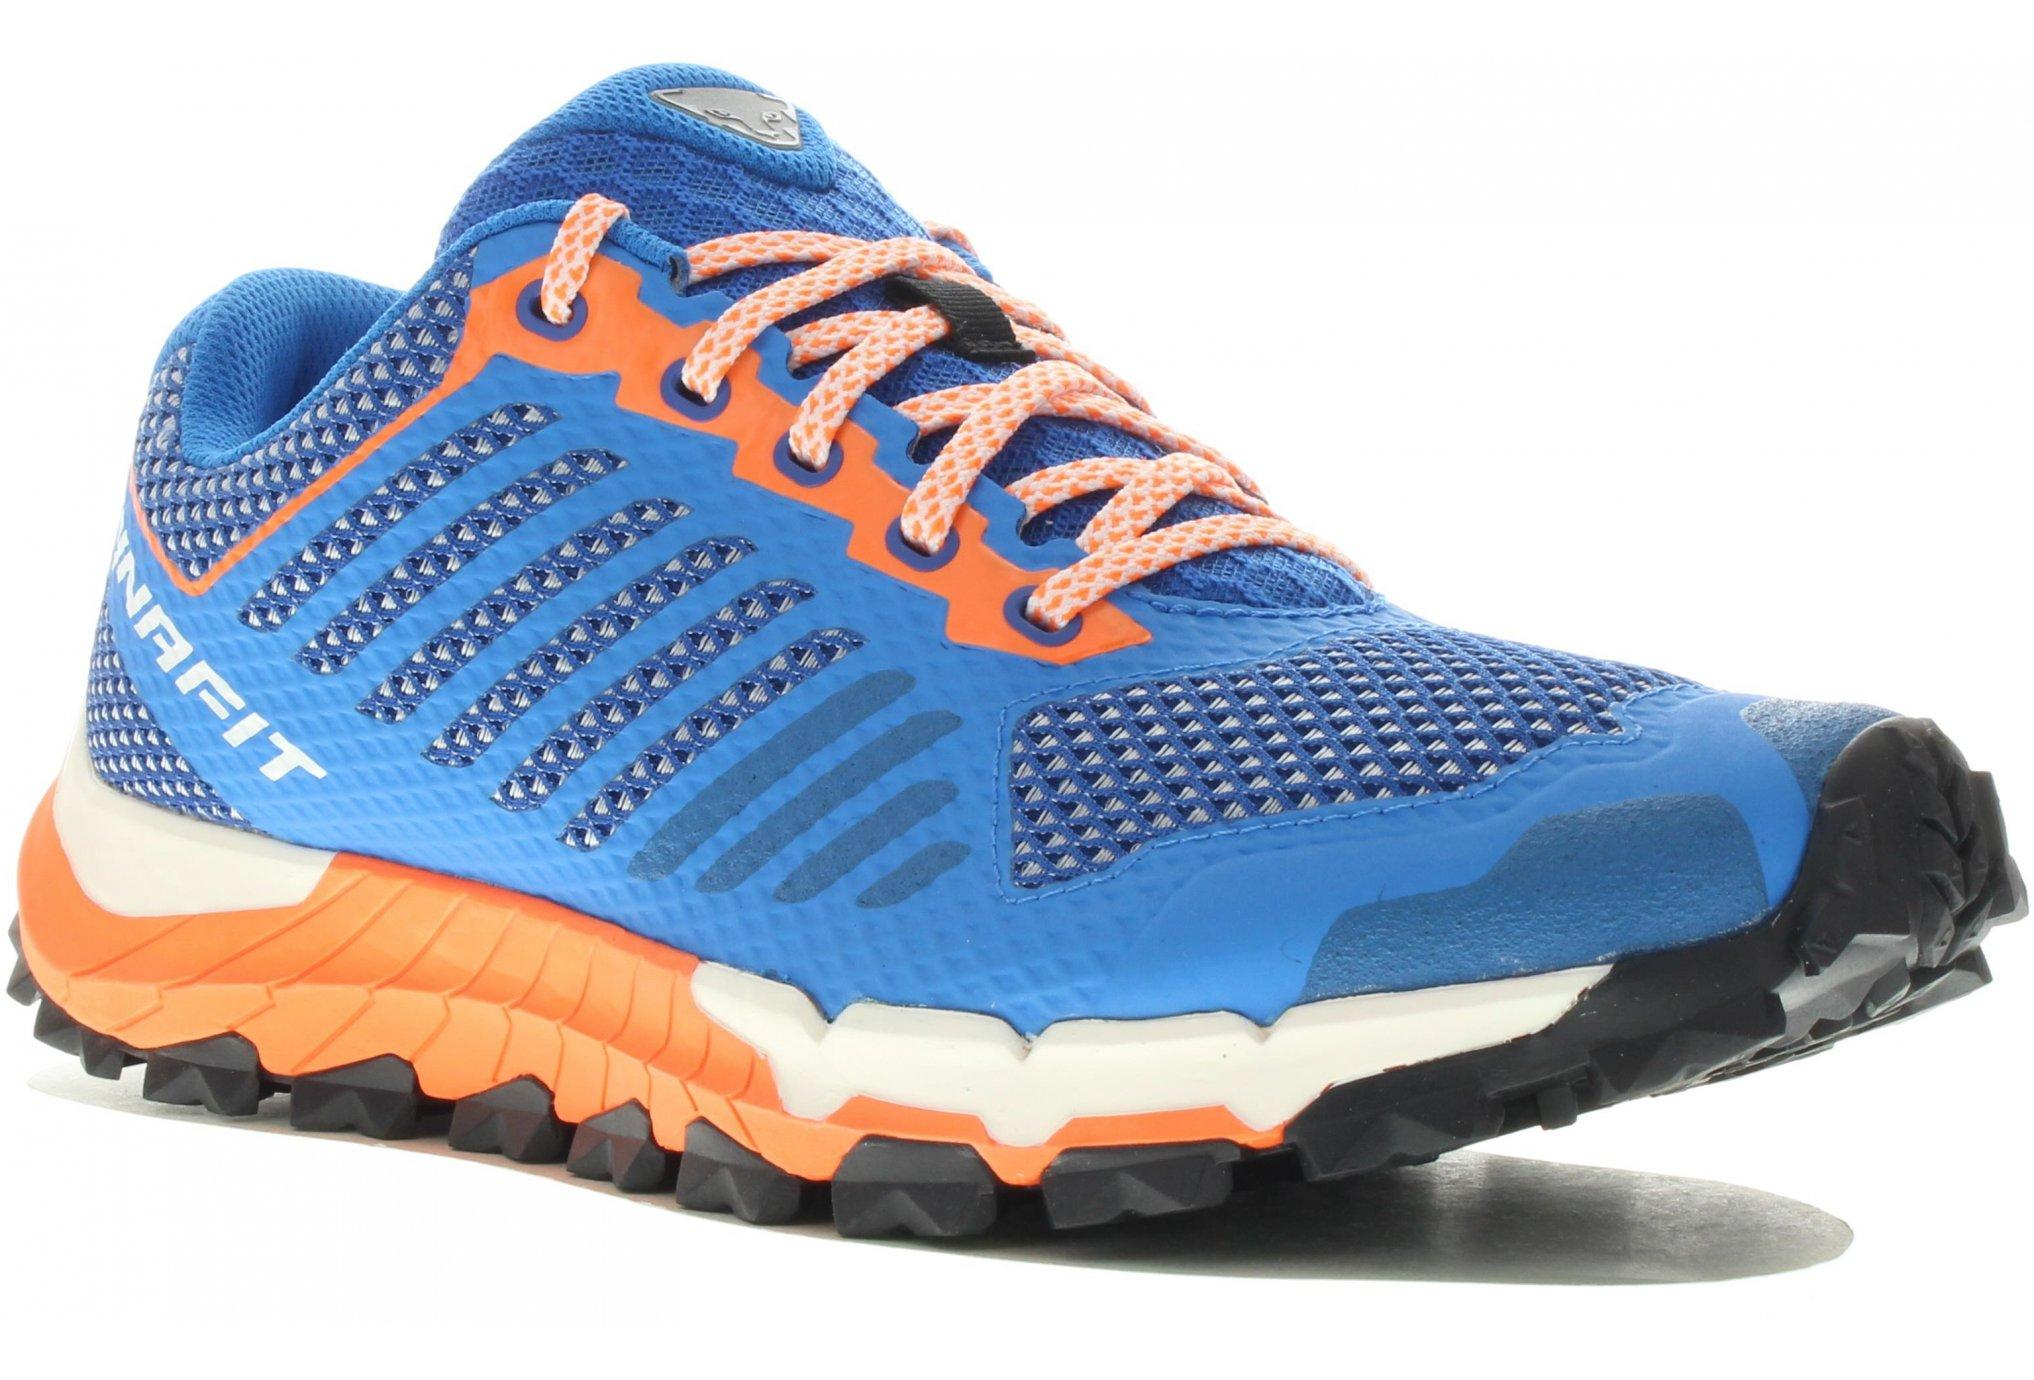 Dynafit Trailbreaker M Diététique Chaussures homme